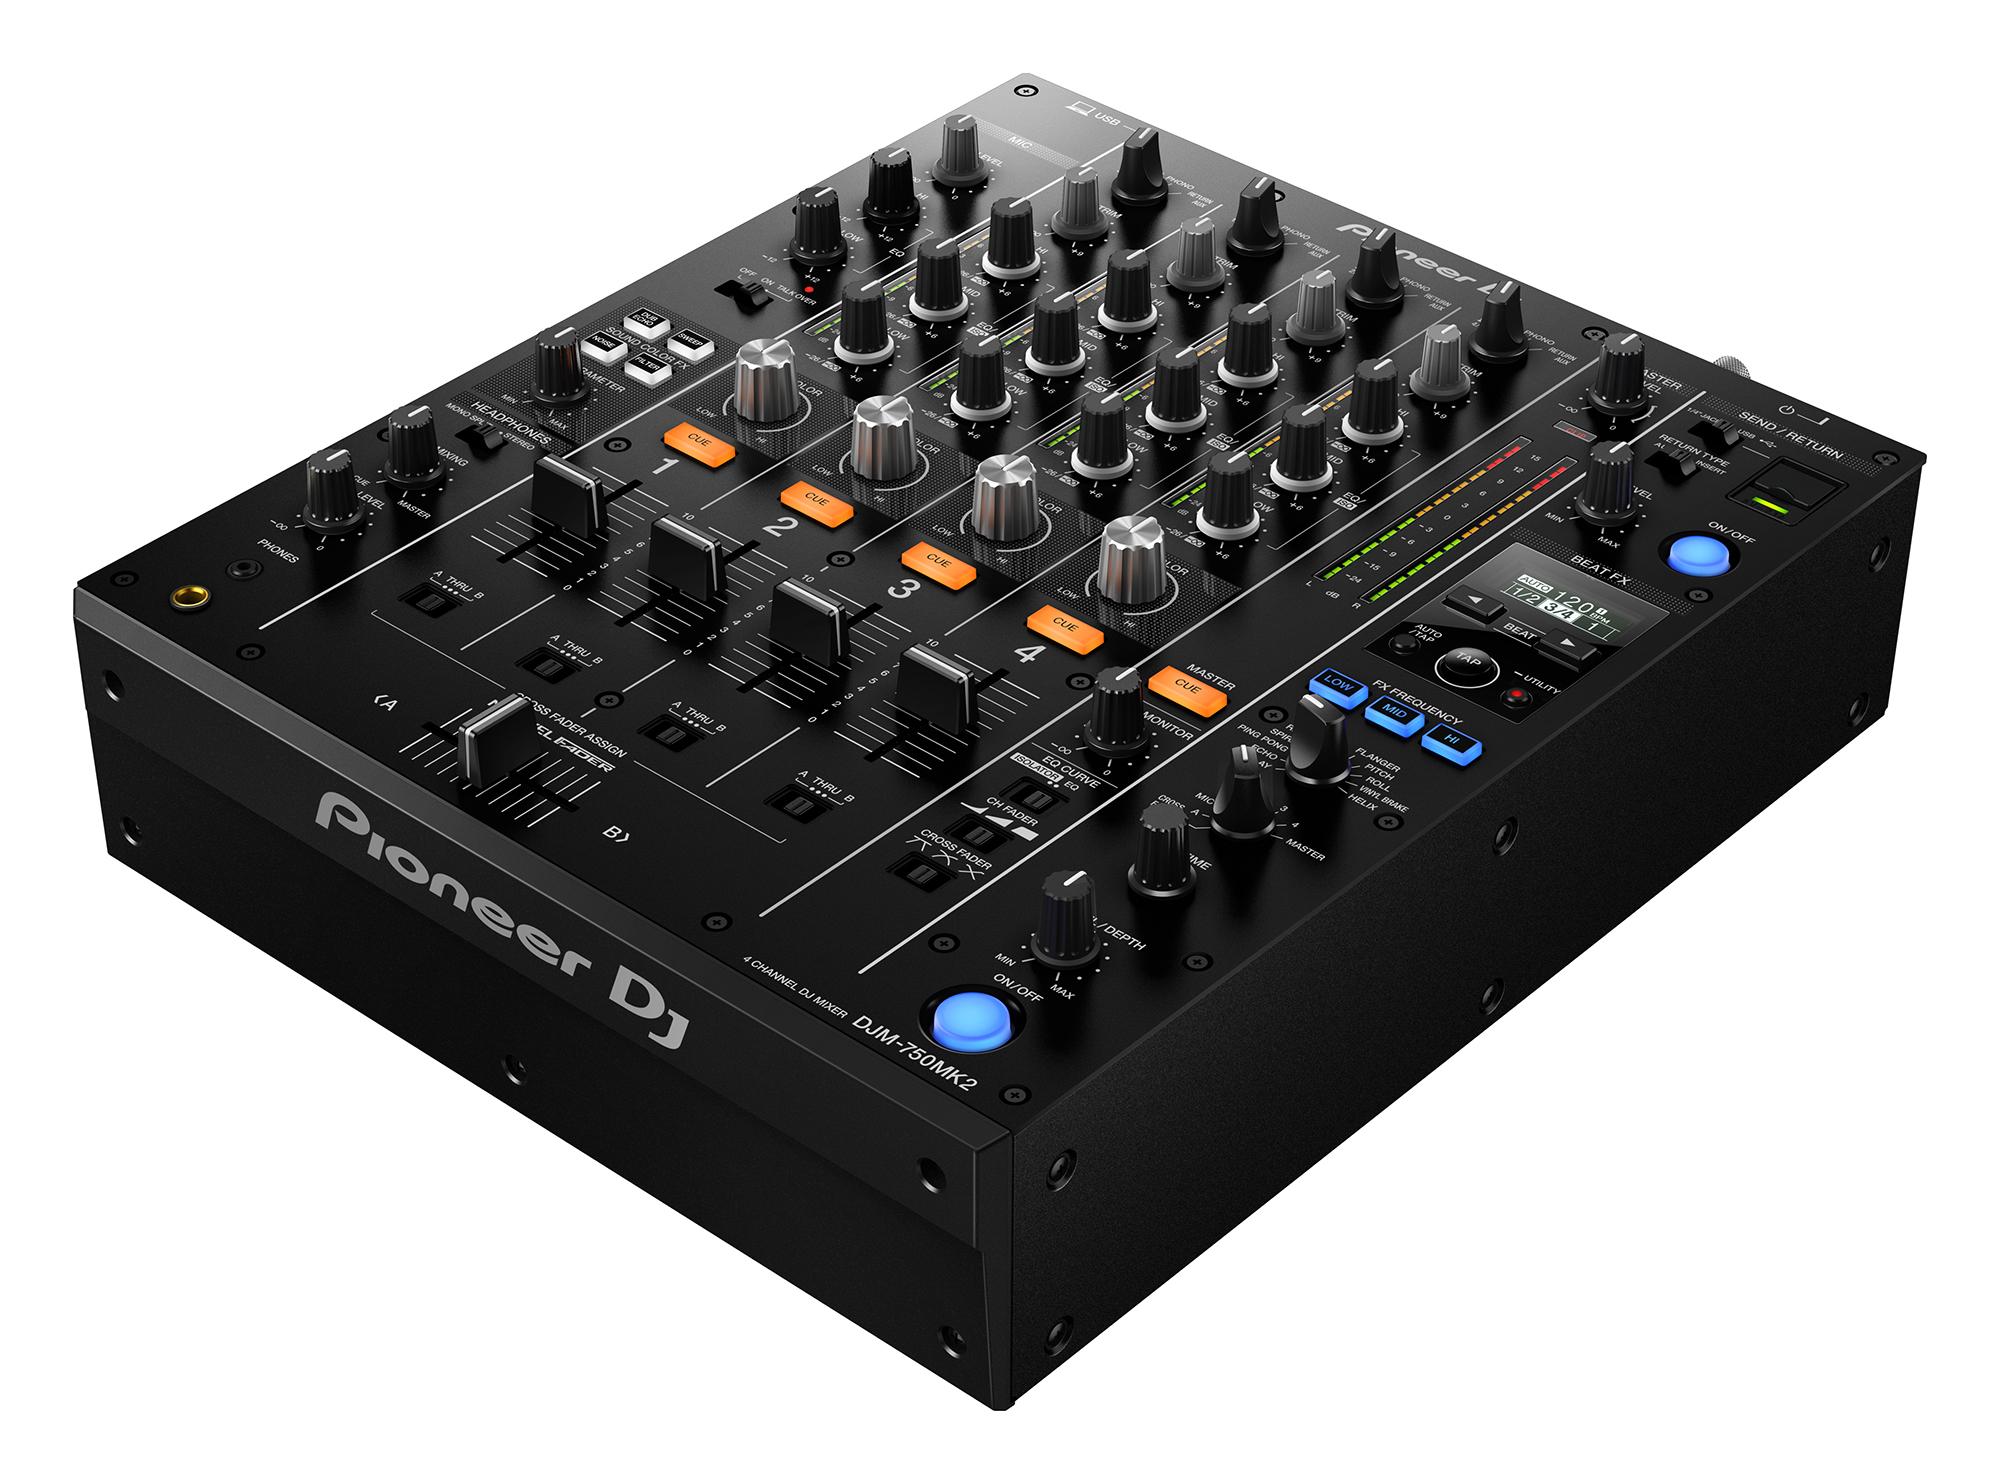 Nuevo mixer Pioneer DJM-750MK2 ya a la venta